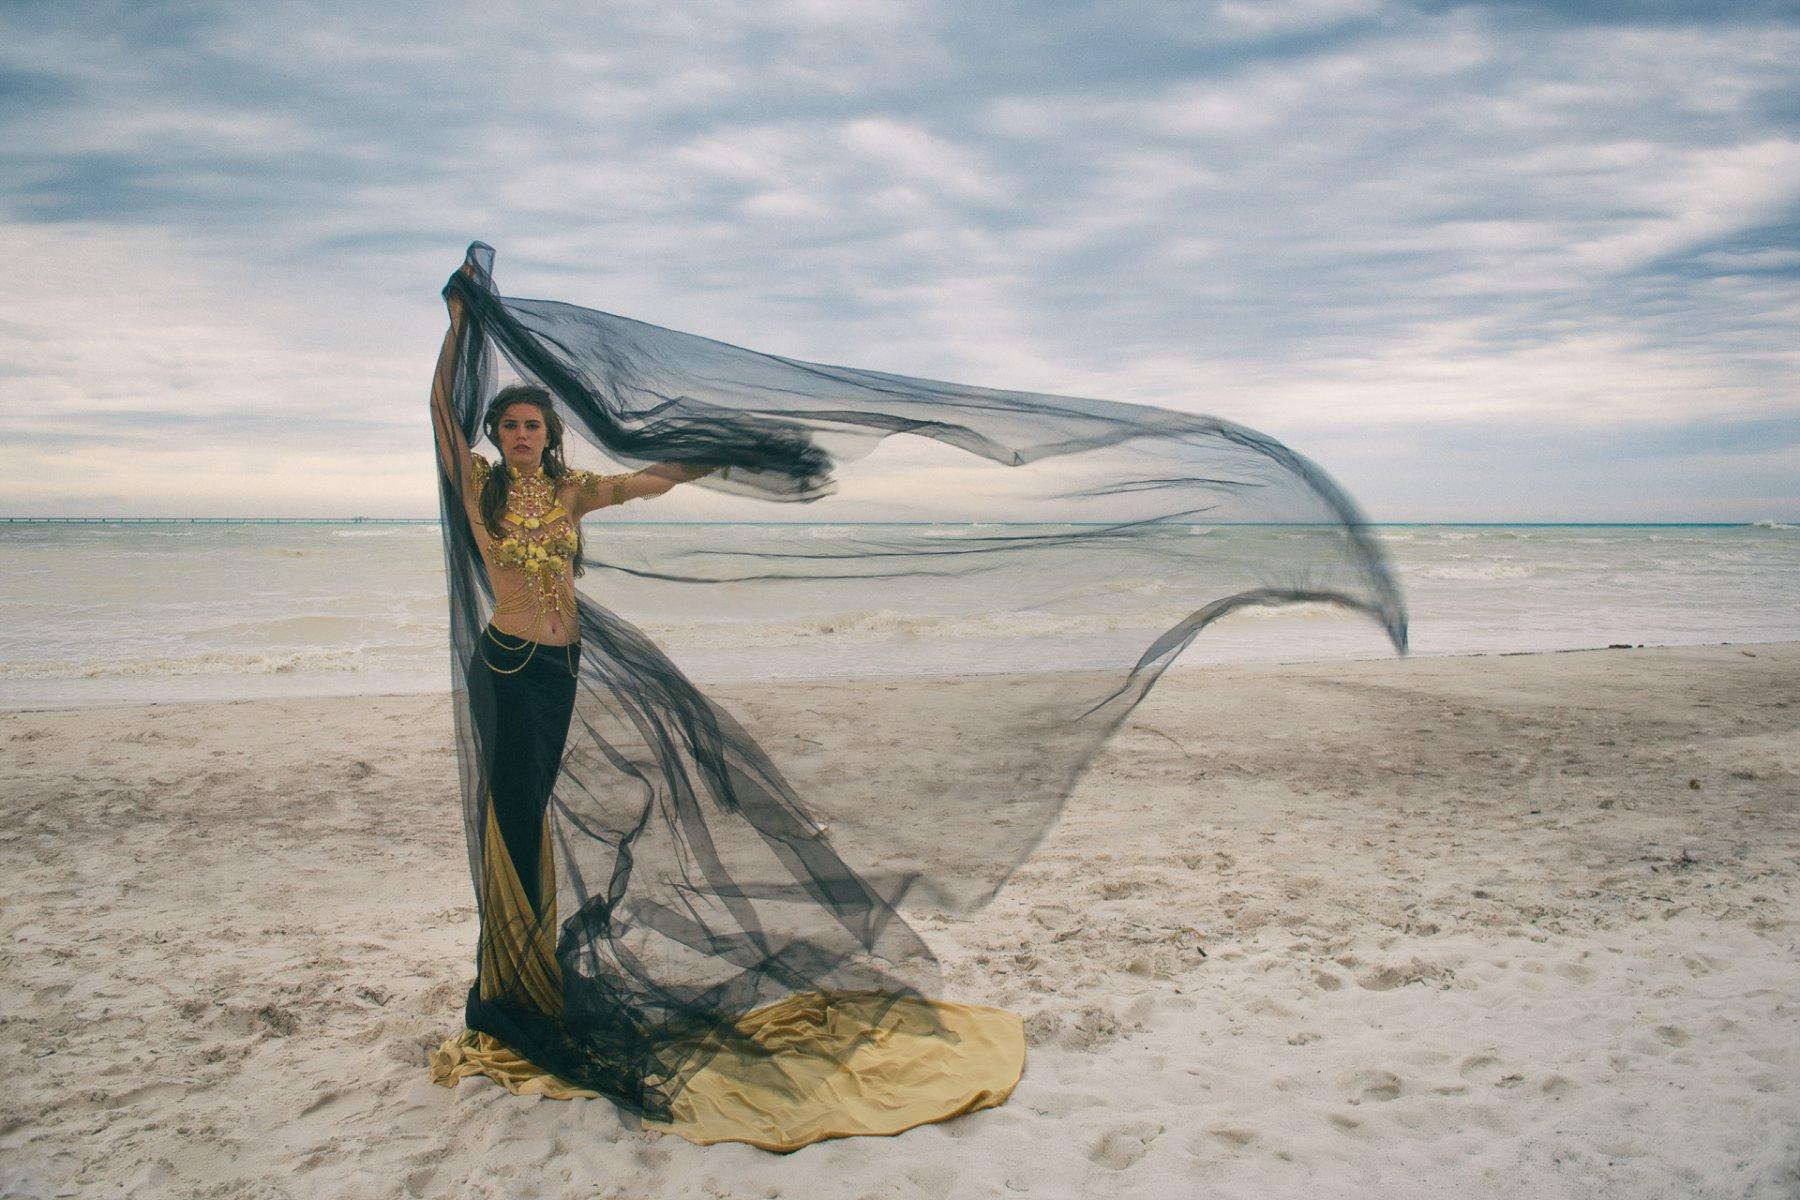 Sea-Queens-Idriss-Guelai-118a Fashion/Adv